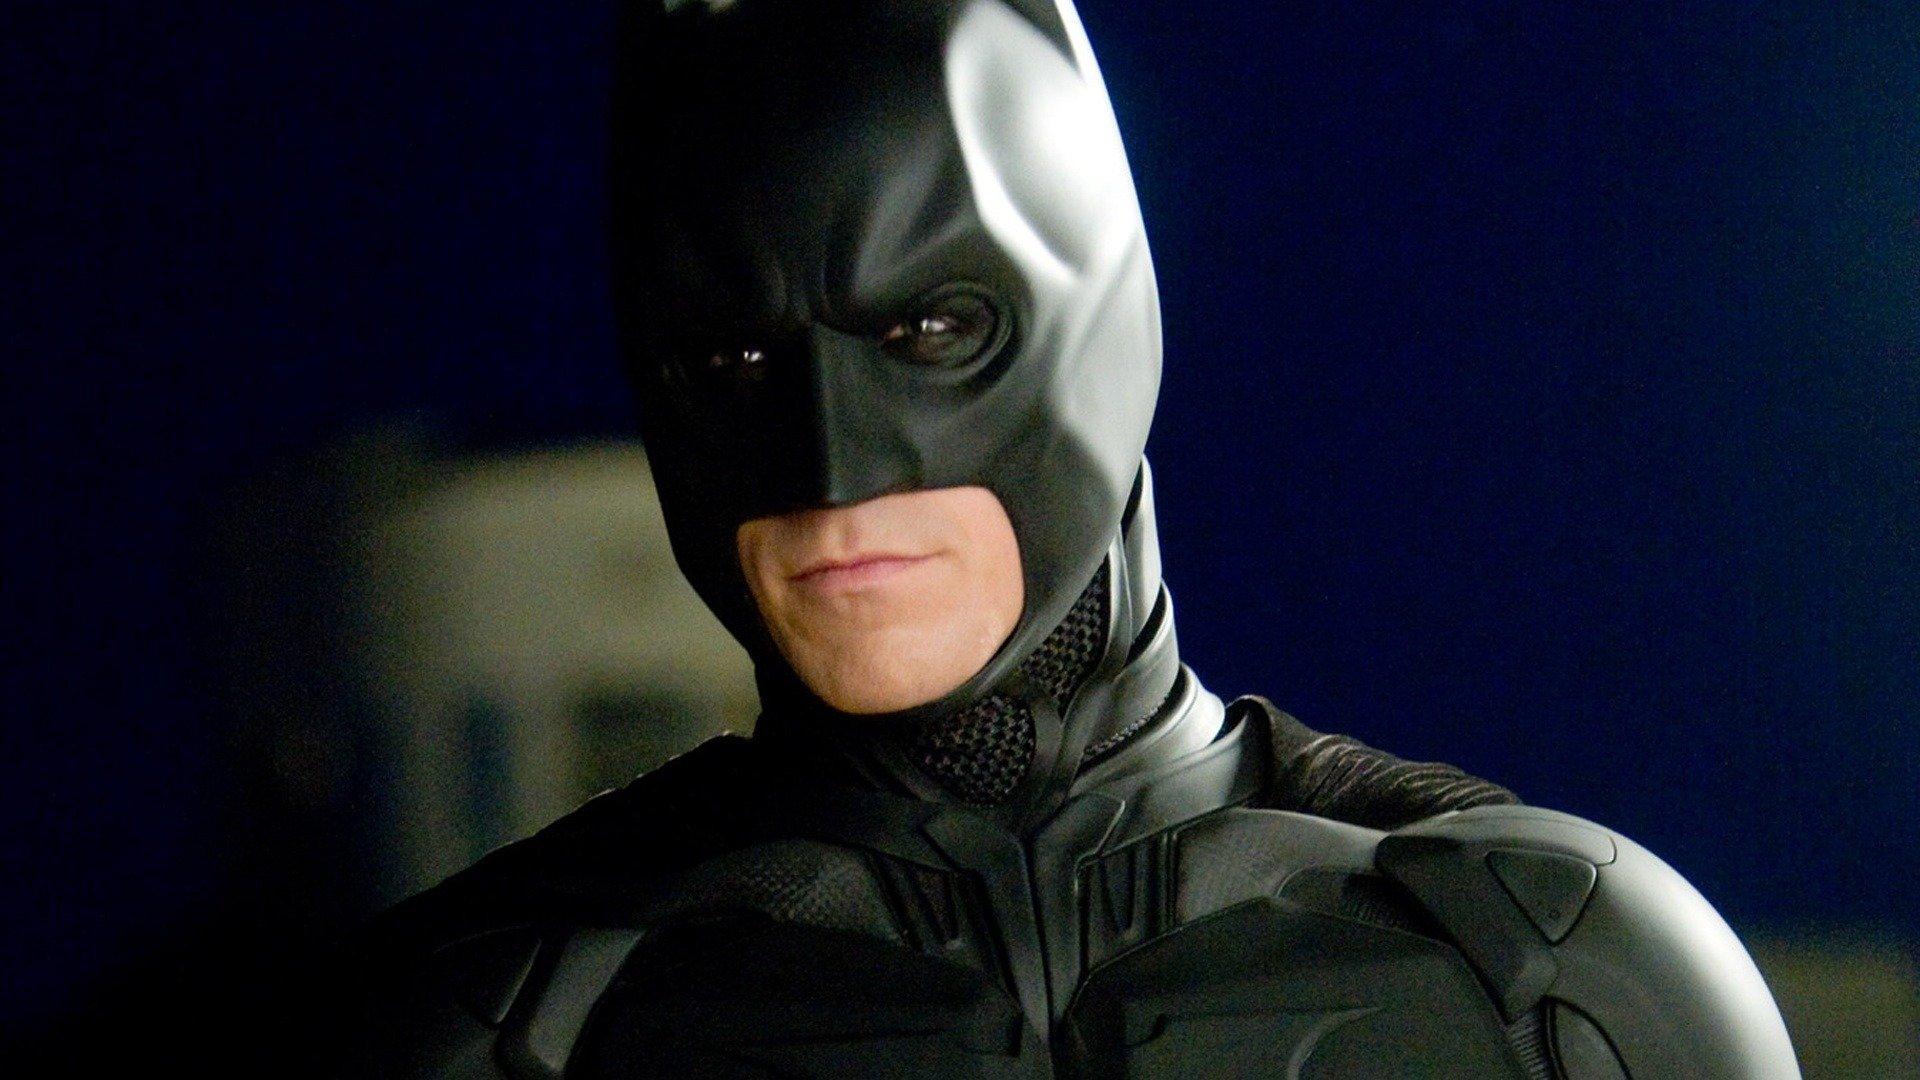 the dark knight rises download hd popcorns